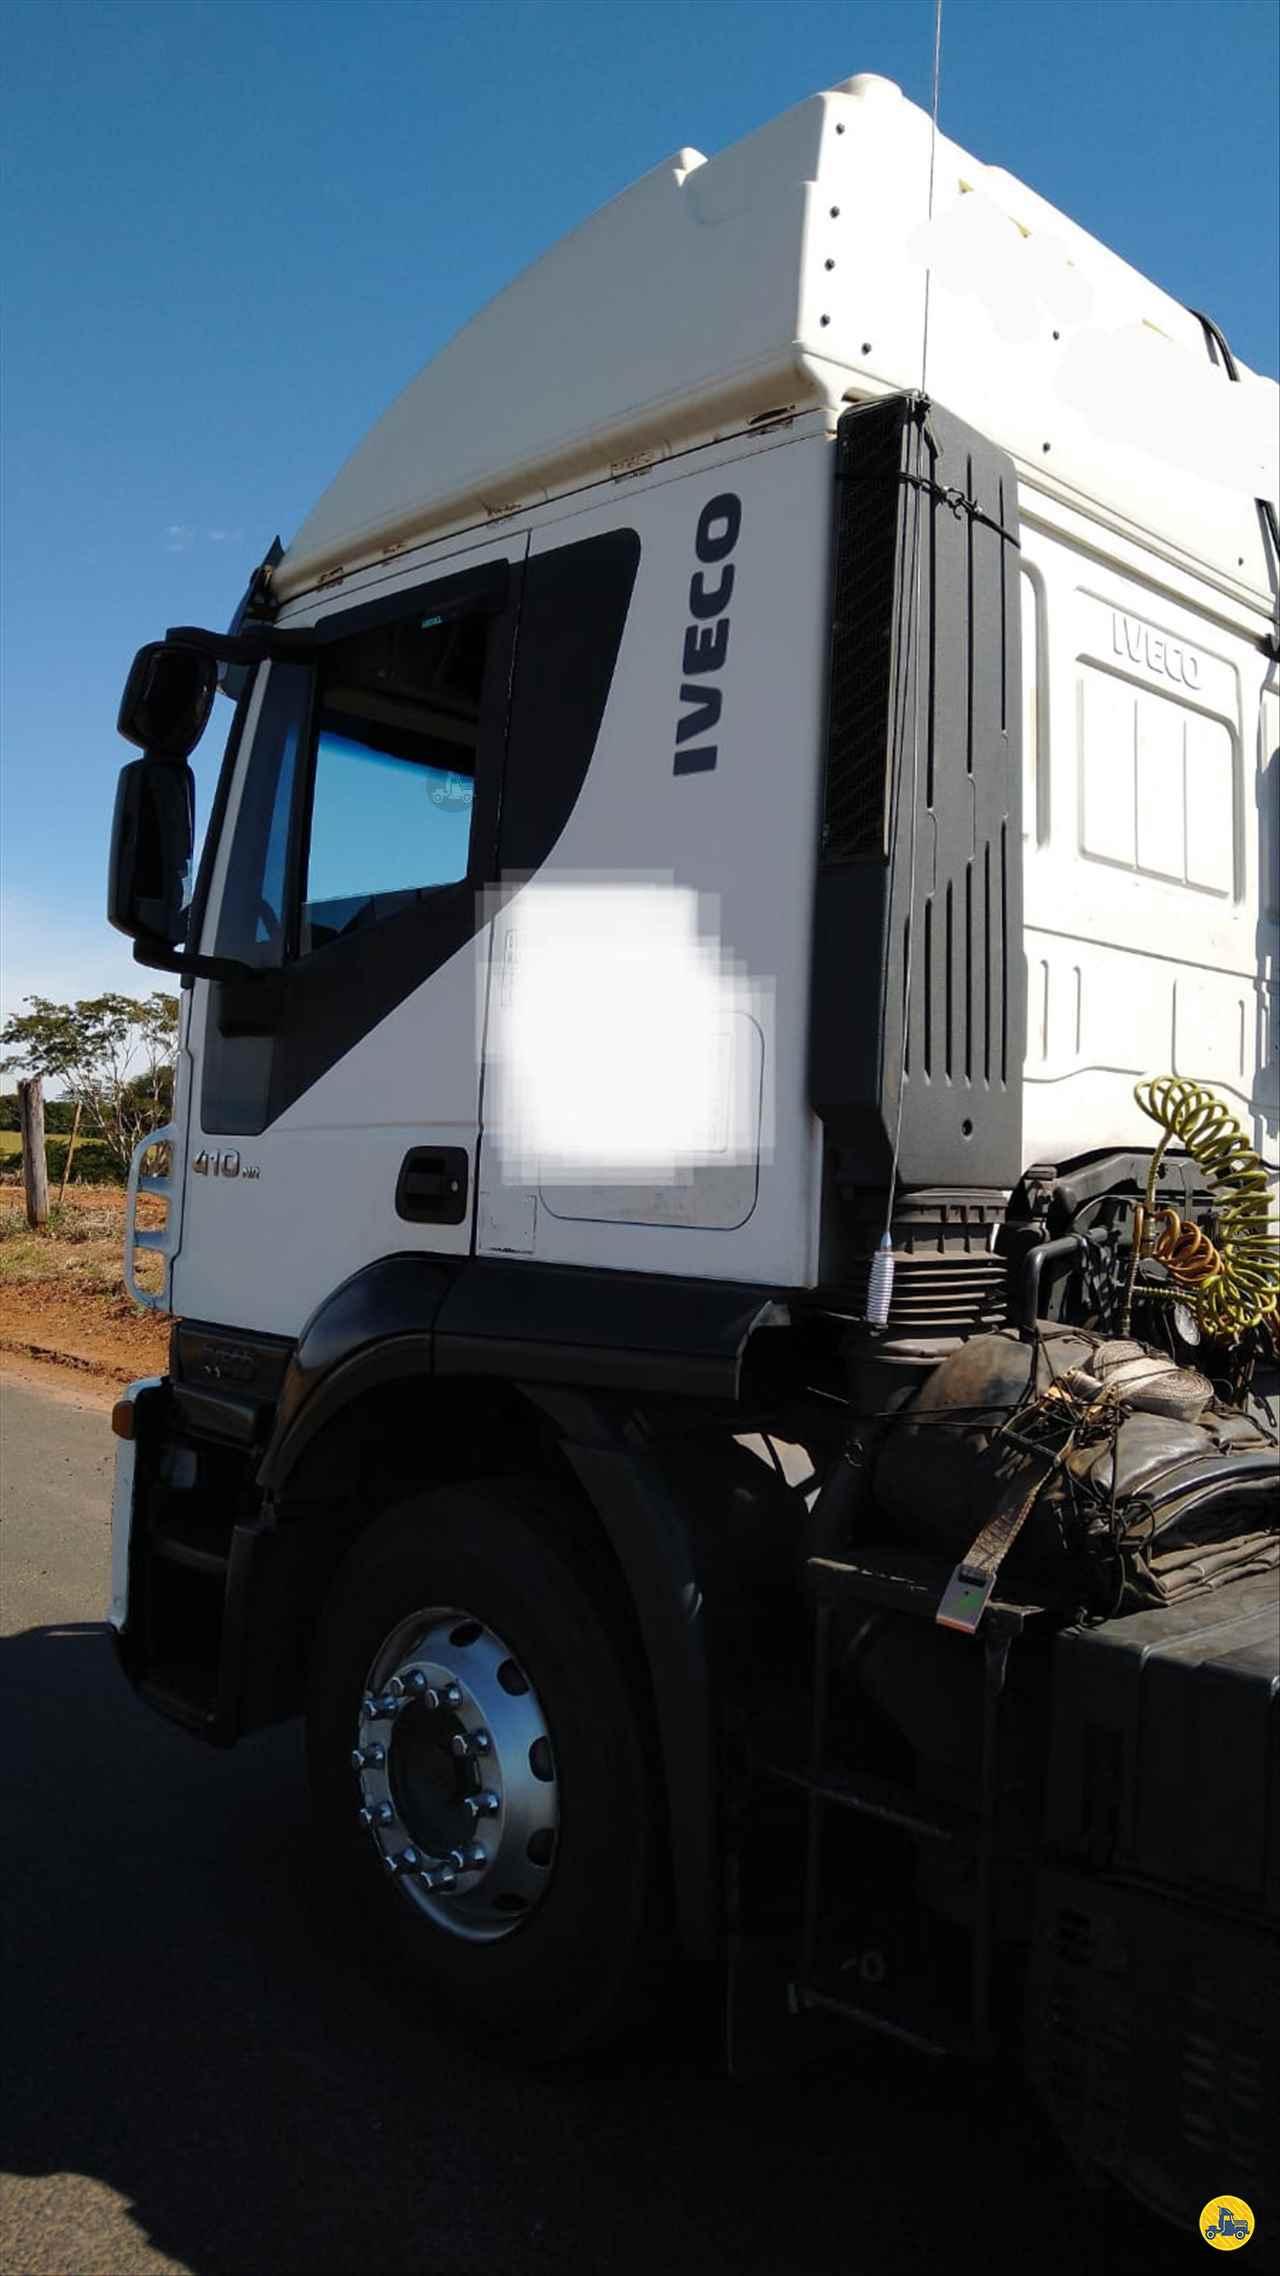 CAMINHAO IVECO STRALIS 410 Cavalo Mecânico Truck 6x2 Nei Caminhões ITAJAI SANTA CATARINA SC